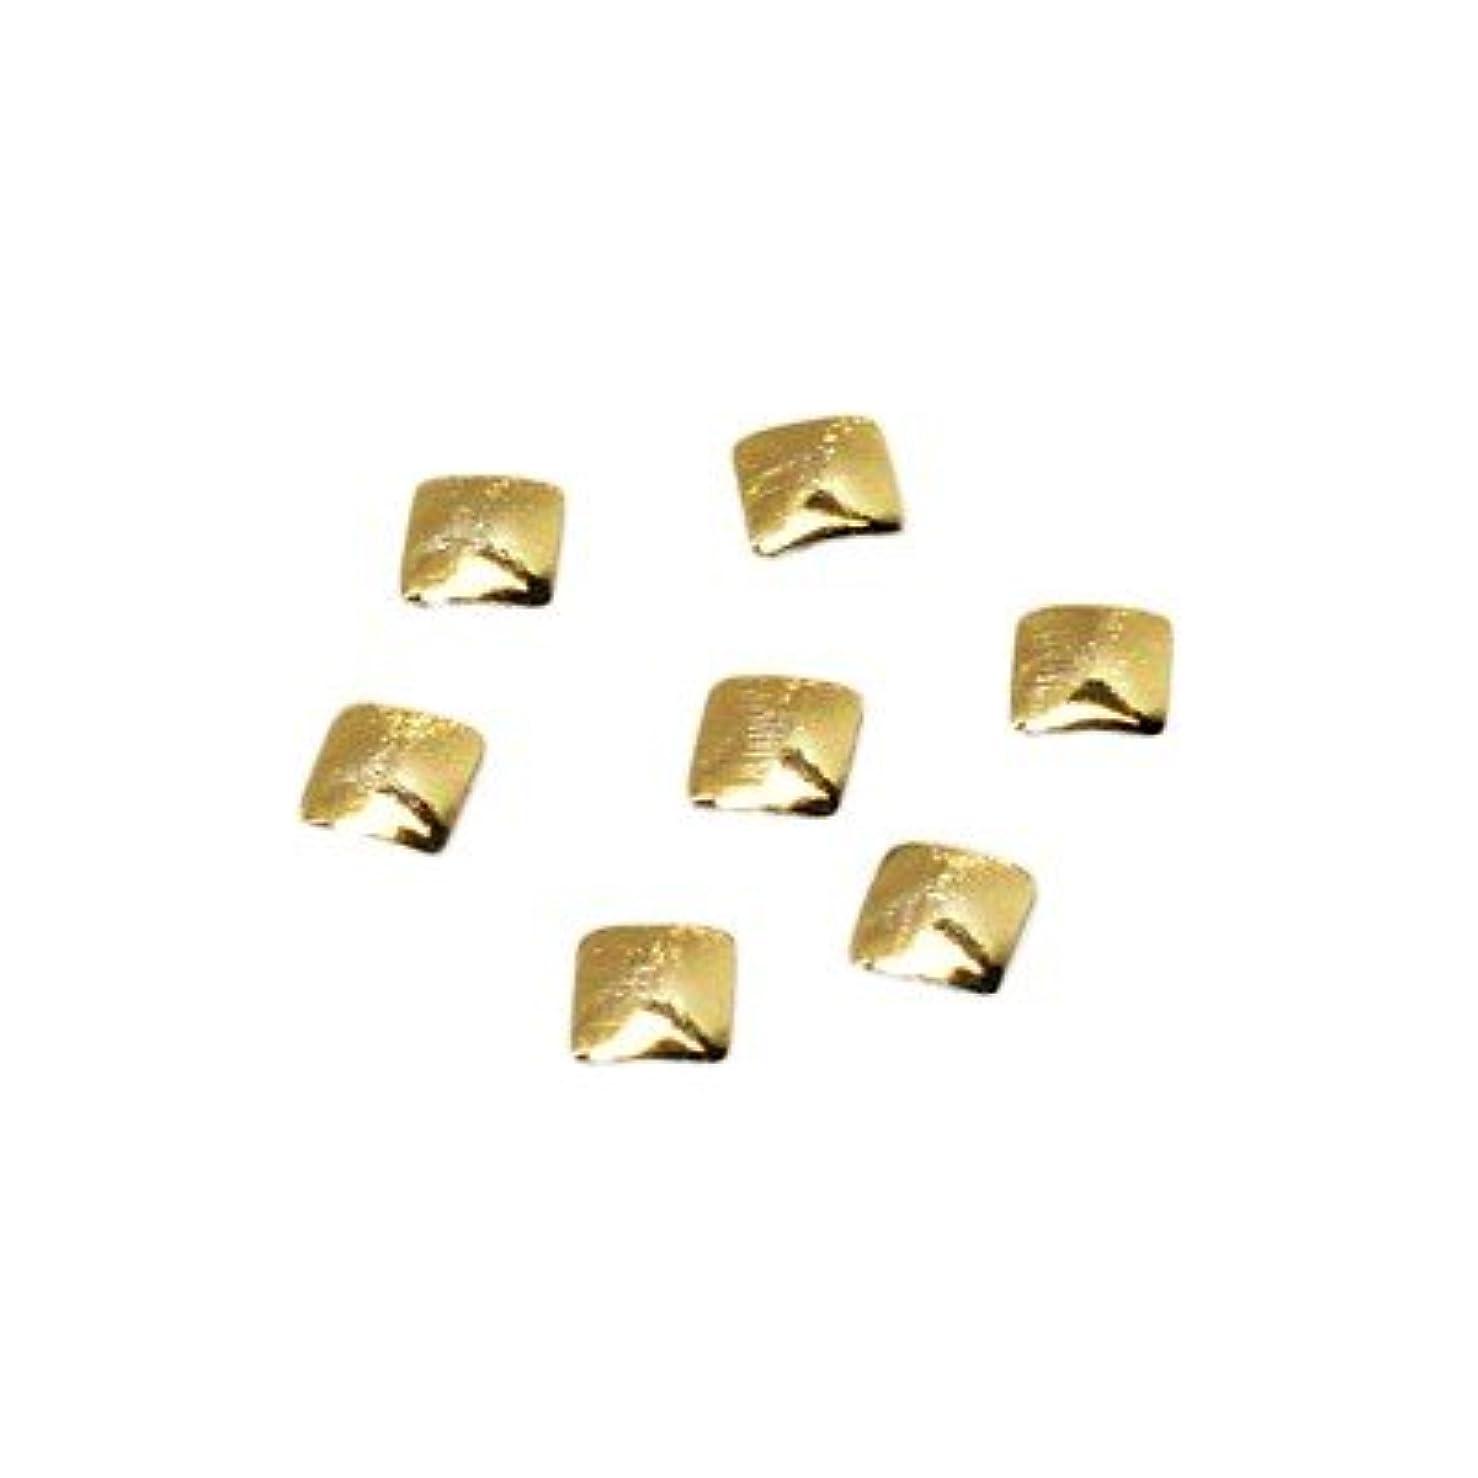 スティックことわざ依存するクレア スクエアスタッズ SS GOL ゴールド 0.36g